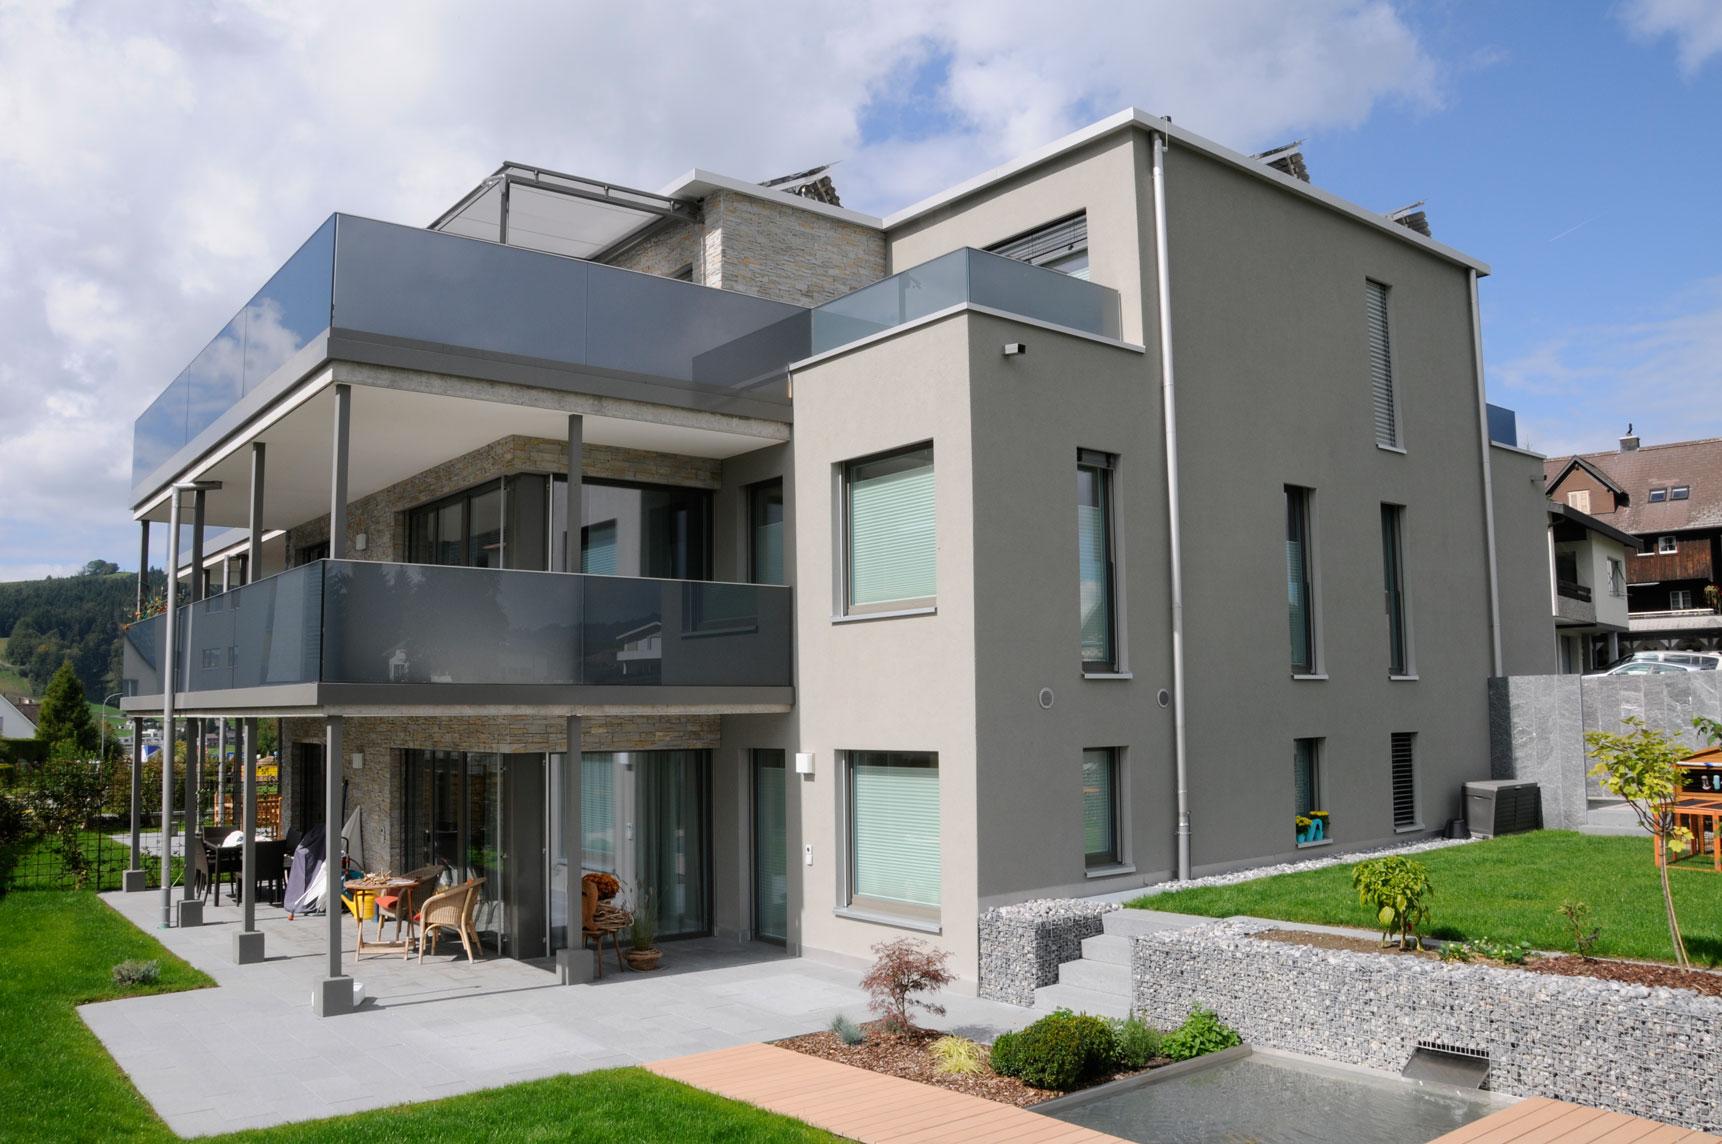 MFH-Falken-Einsiedeln-Haus-aussen - Steinegger Baurealisation GmbH